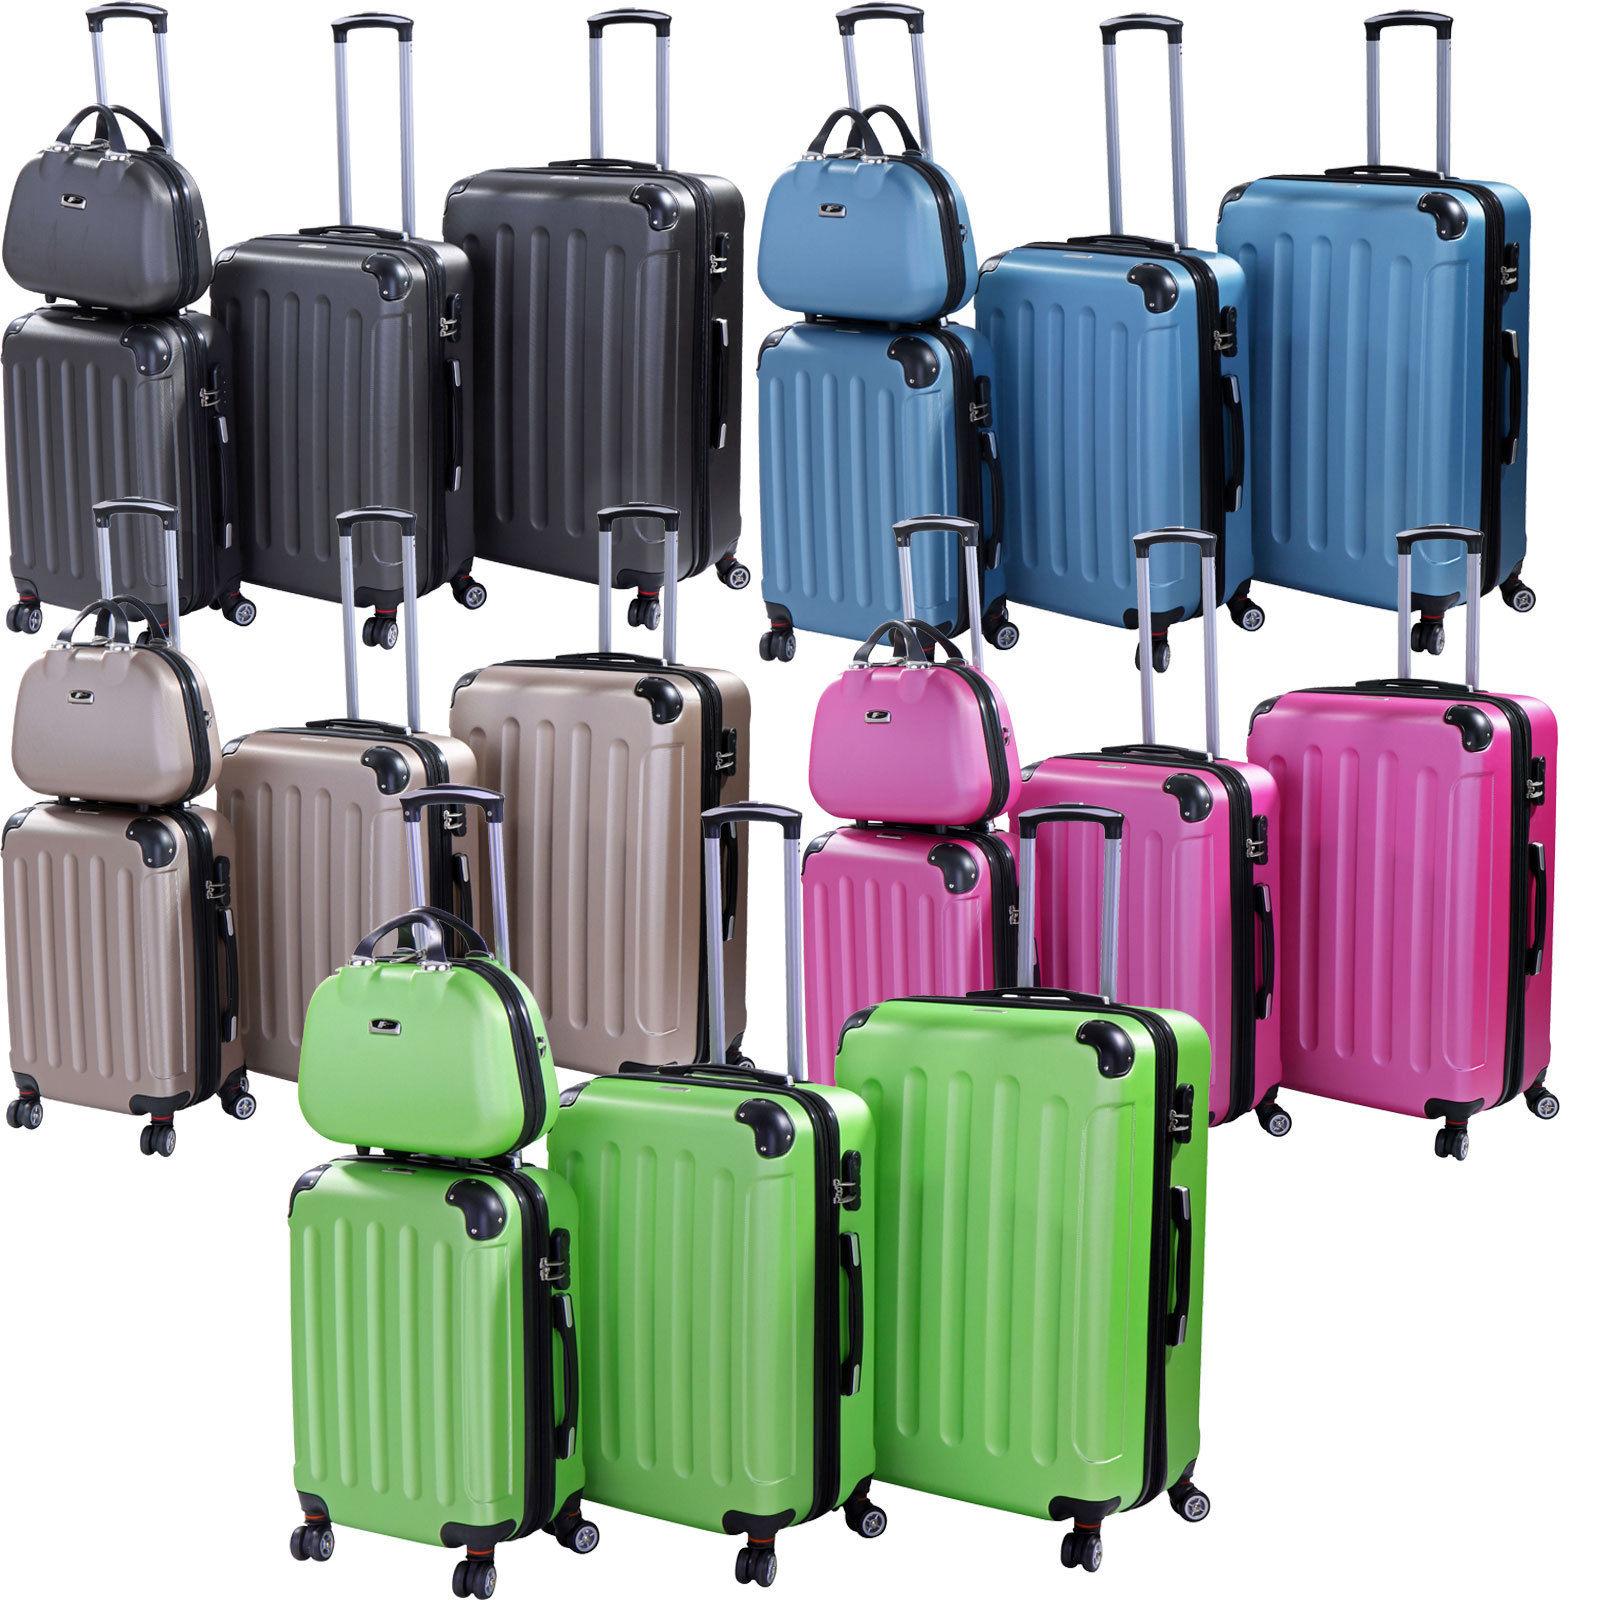 Koffer Trolley Reisekoffer Hartschalenkoffer Kofferset M-L-XL-Set Dehnungsfuge